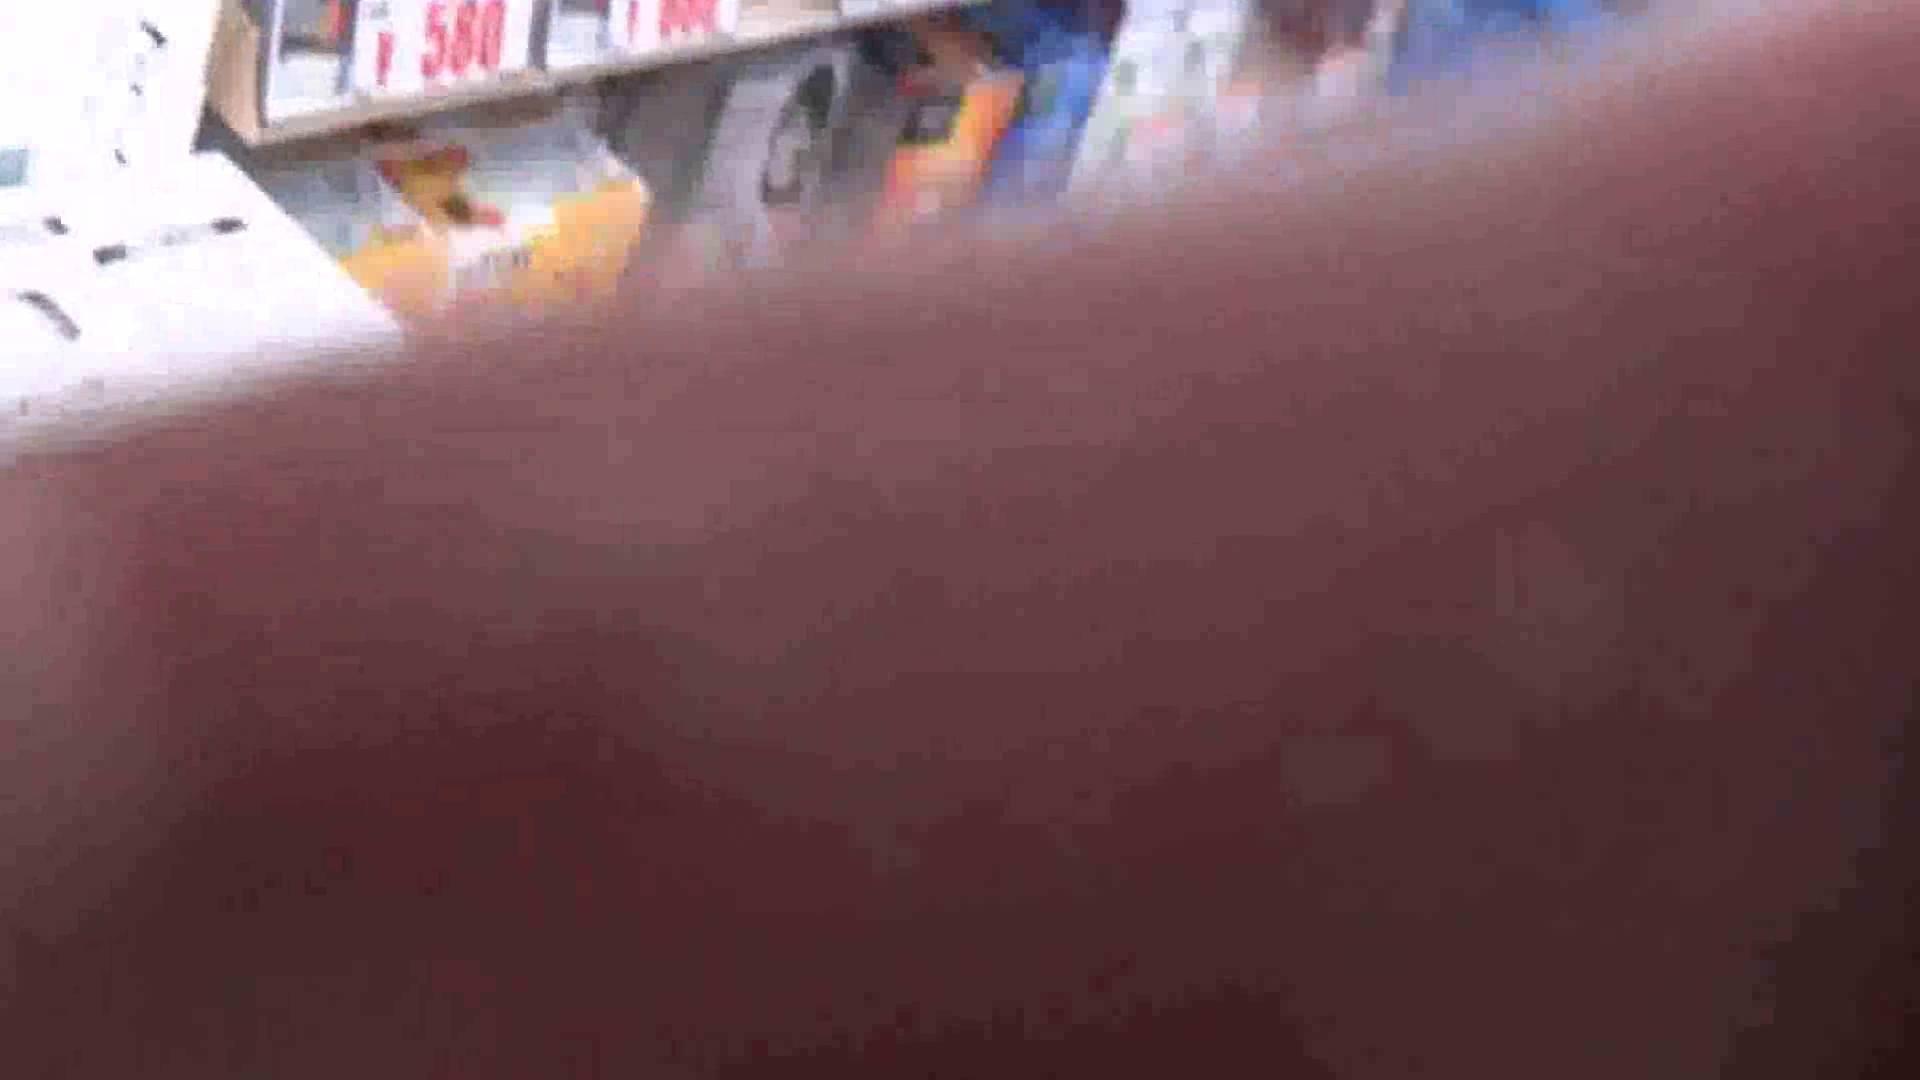 真剣に買い物中のgal達を上から下から狙います。vol.01 HなOL | JKヌード  102pic 57